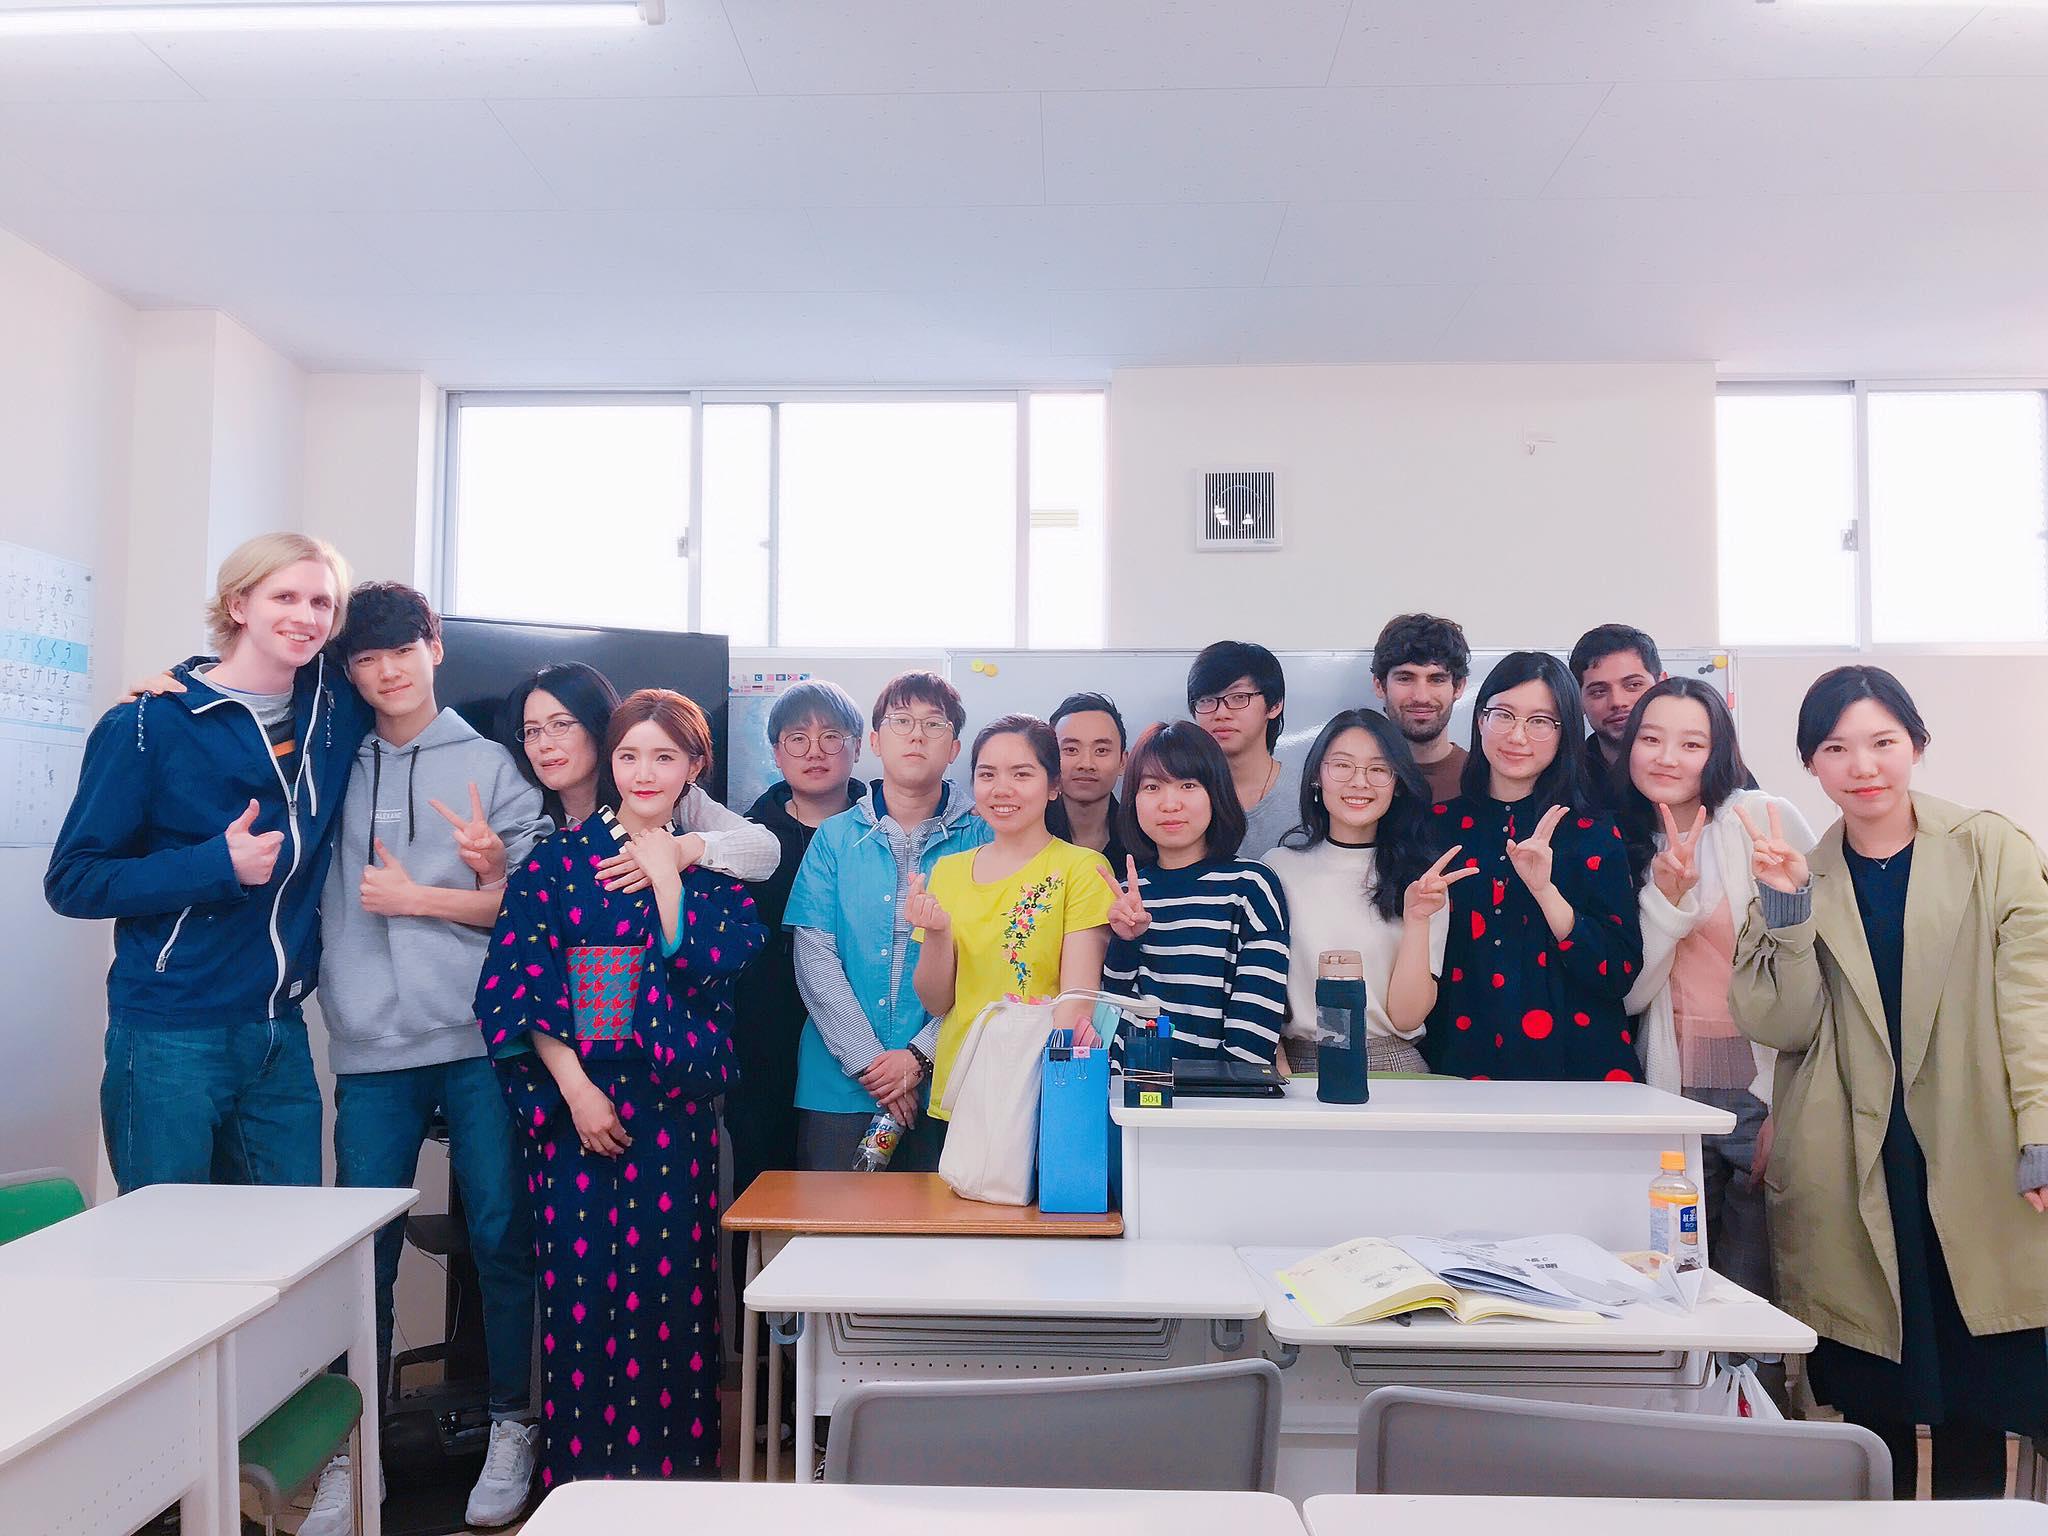 日本留學|日文語言學校推薦|東京 赤門會日本語言學校(赤門会)!,相關問與答9!( 這就是我超愛赤門会的原因!)